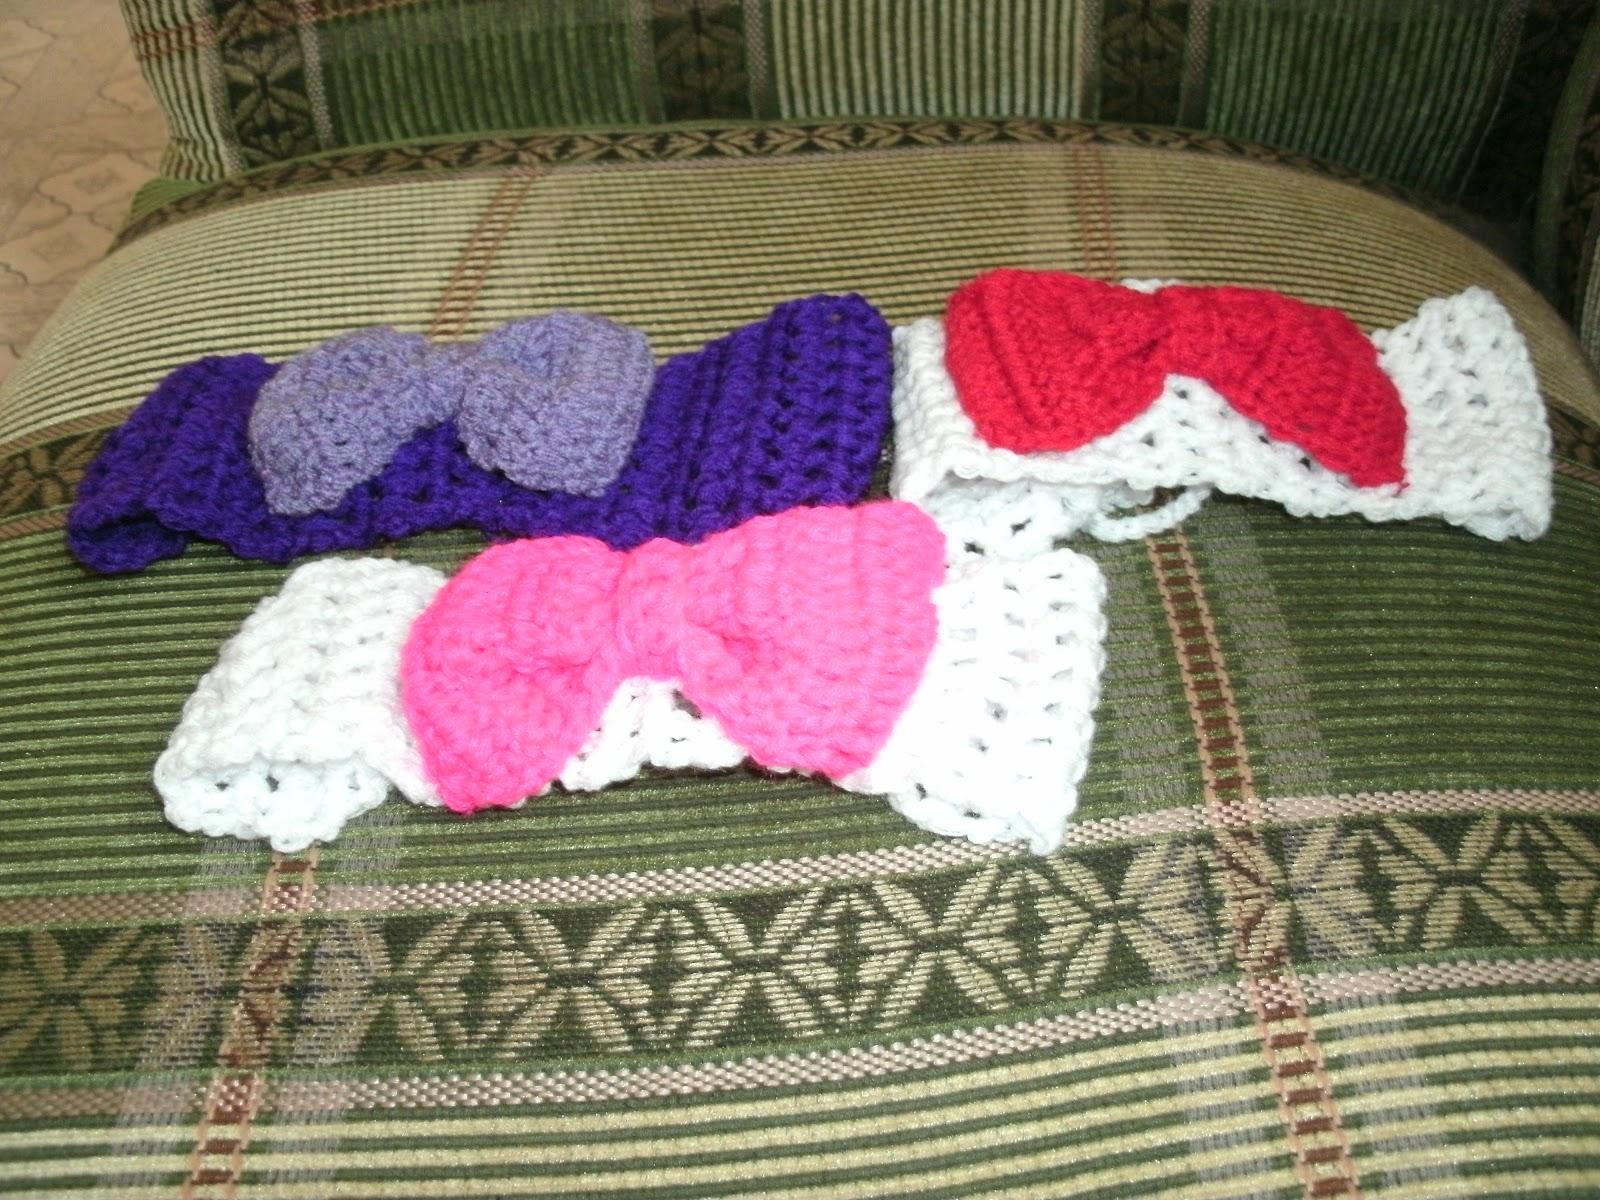 Accesorios para el cabello tejidos a crochet. Estos modelos son de mi propia inspiracion